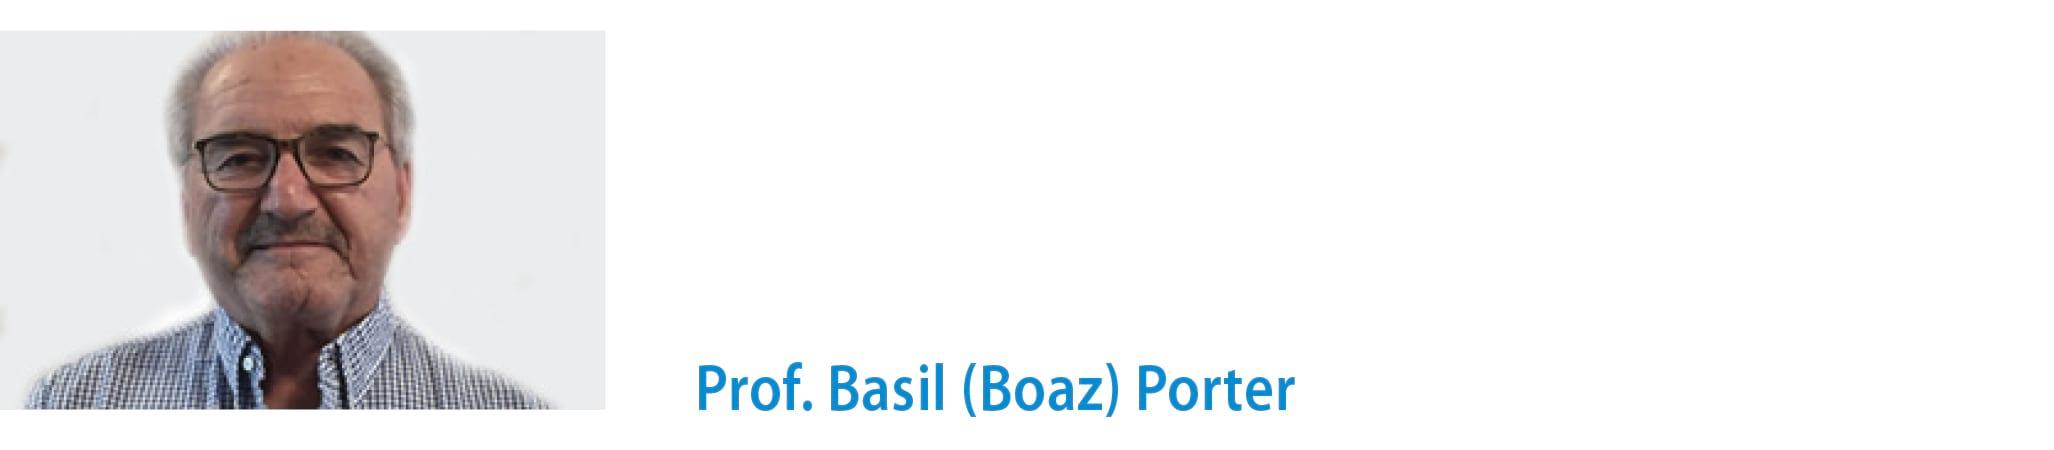 boaz porter